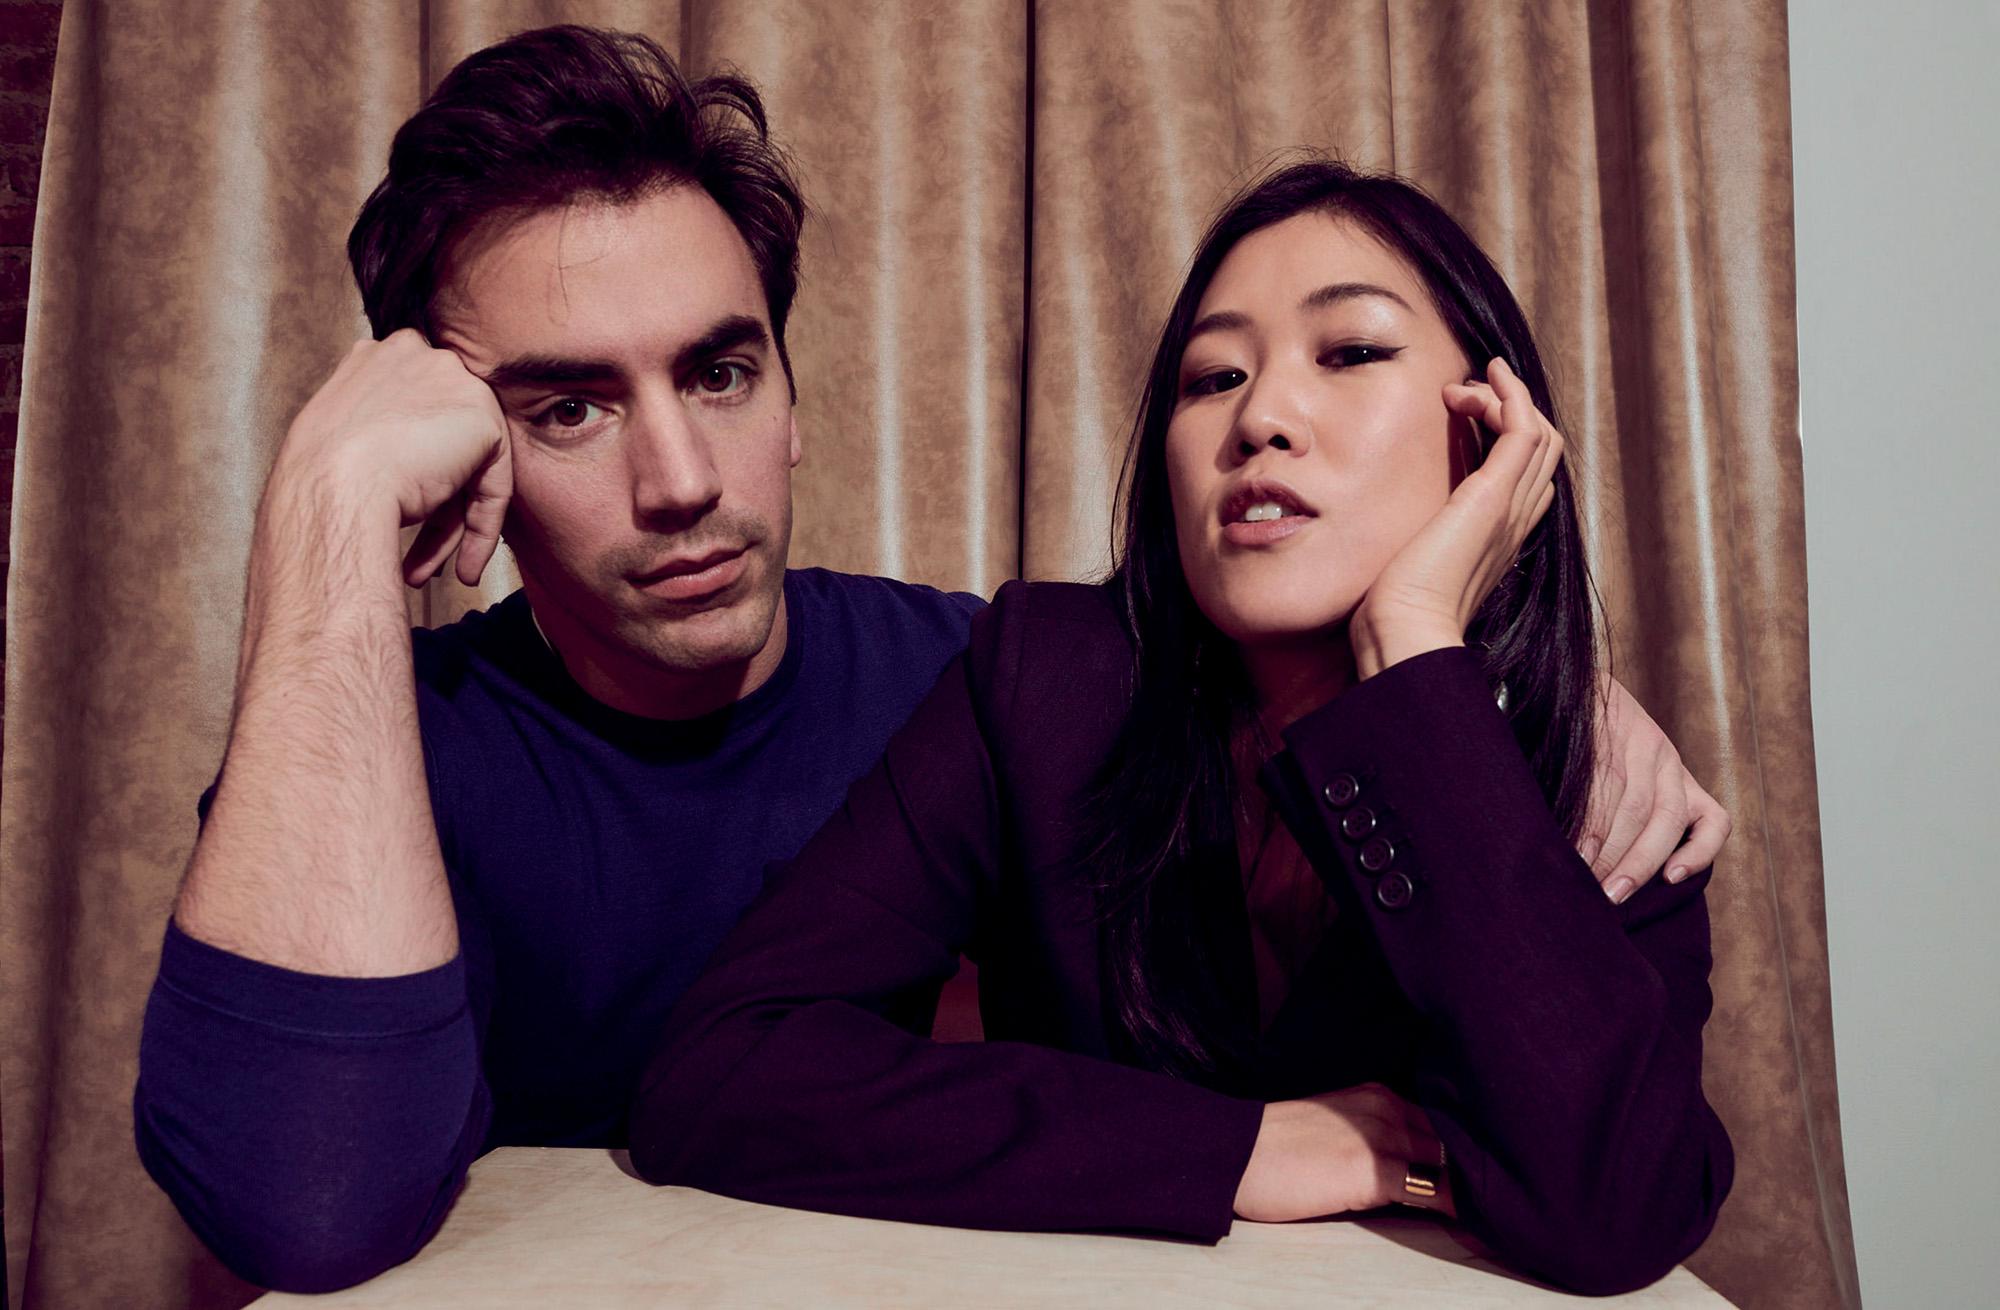 nhà thiết kế thời trang gốc Á giám đốc sáng tạo Oscar de la Renta